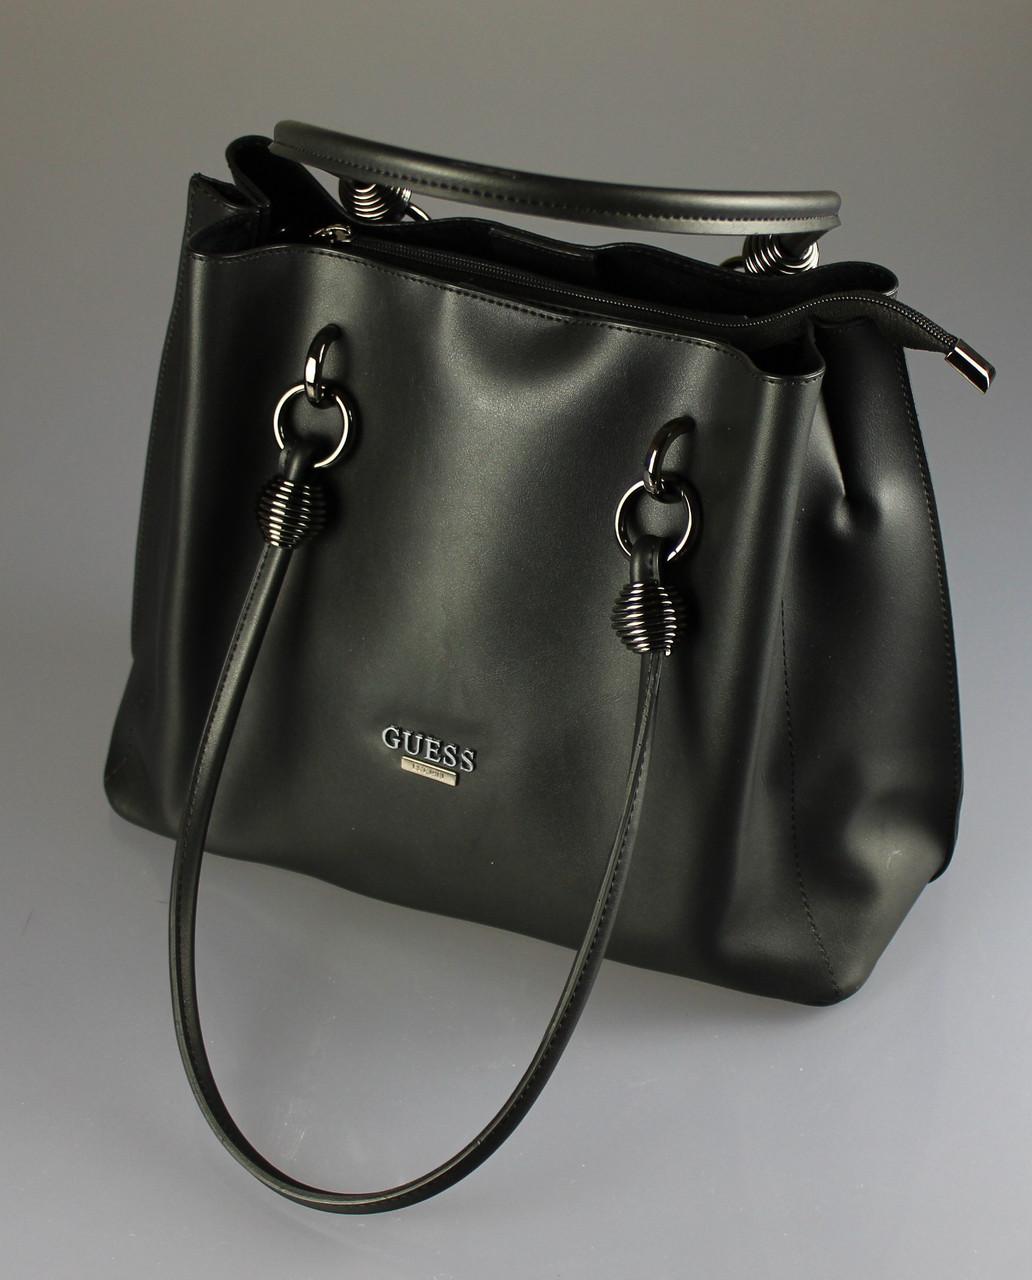 8424527e5e38 Женская сумка Guess оптом. {есть:зеленый,кремовый}: продажа, цена в ...